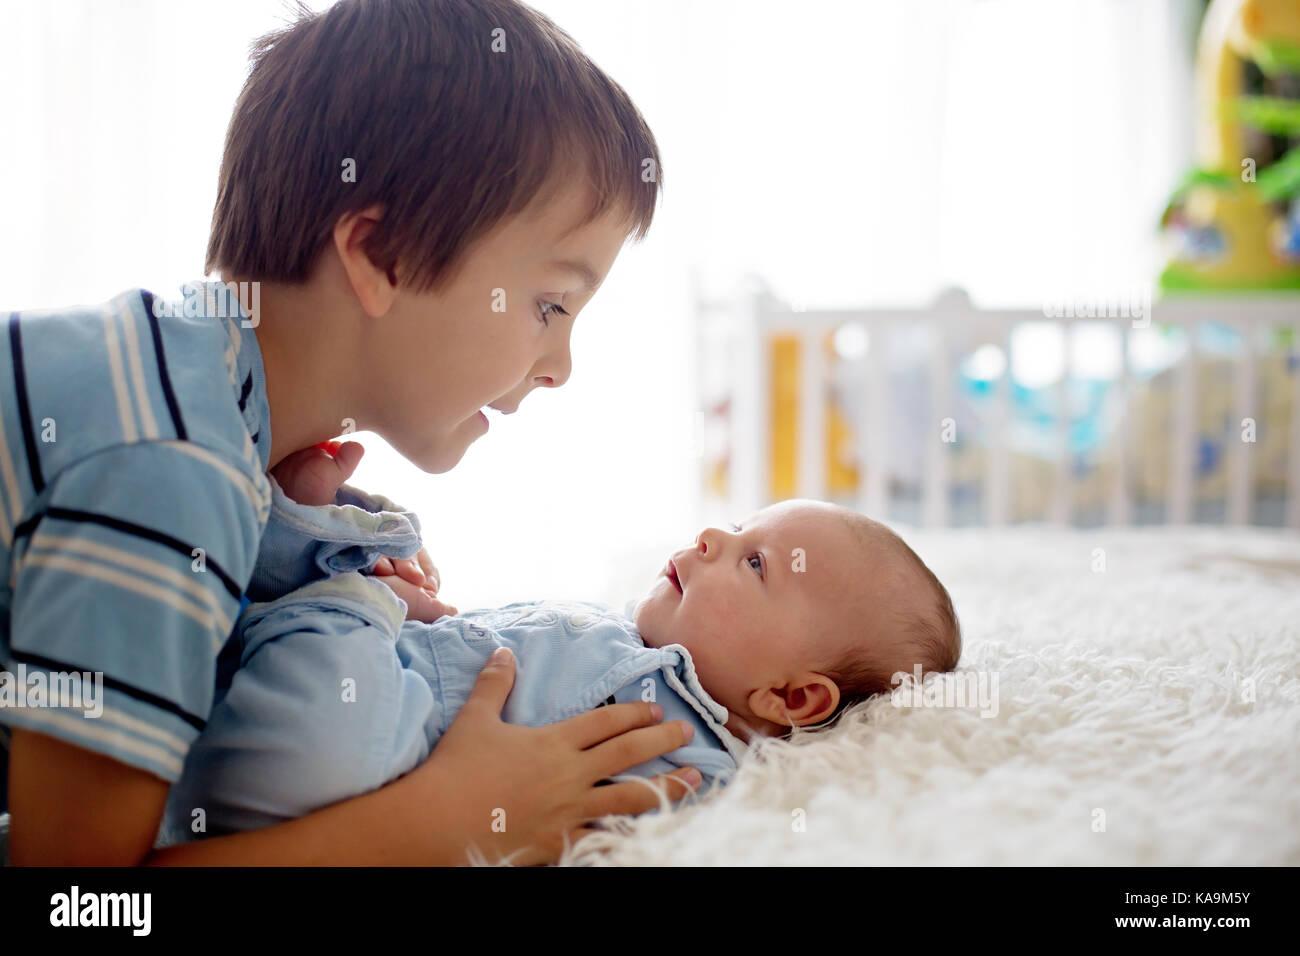 Beau garçon, serrant avec tendresse et soins son frère nouveau-né à la maison. famille amour Photo Stock